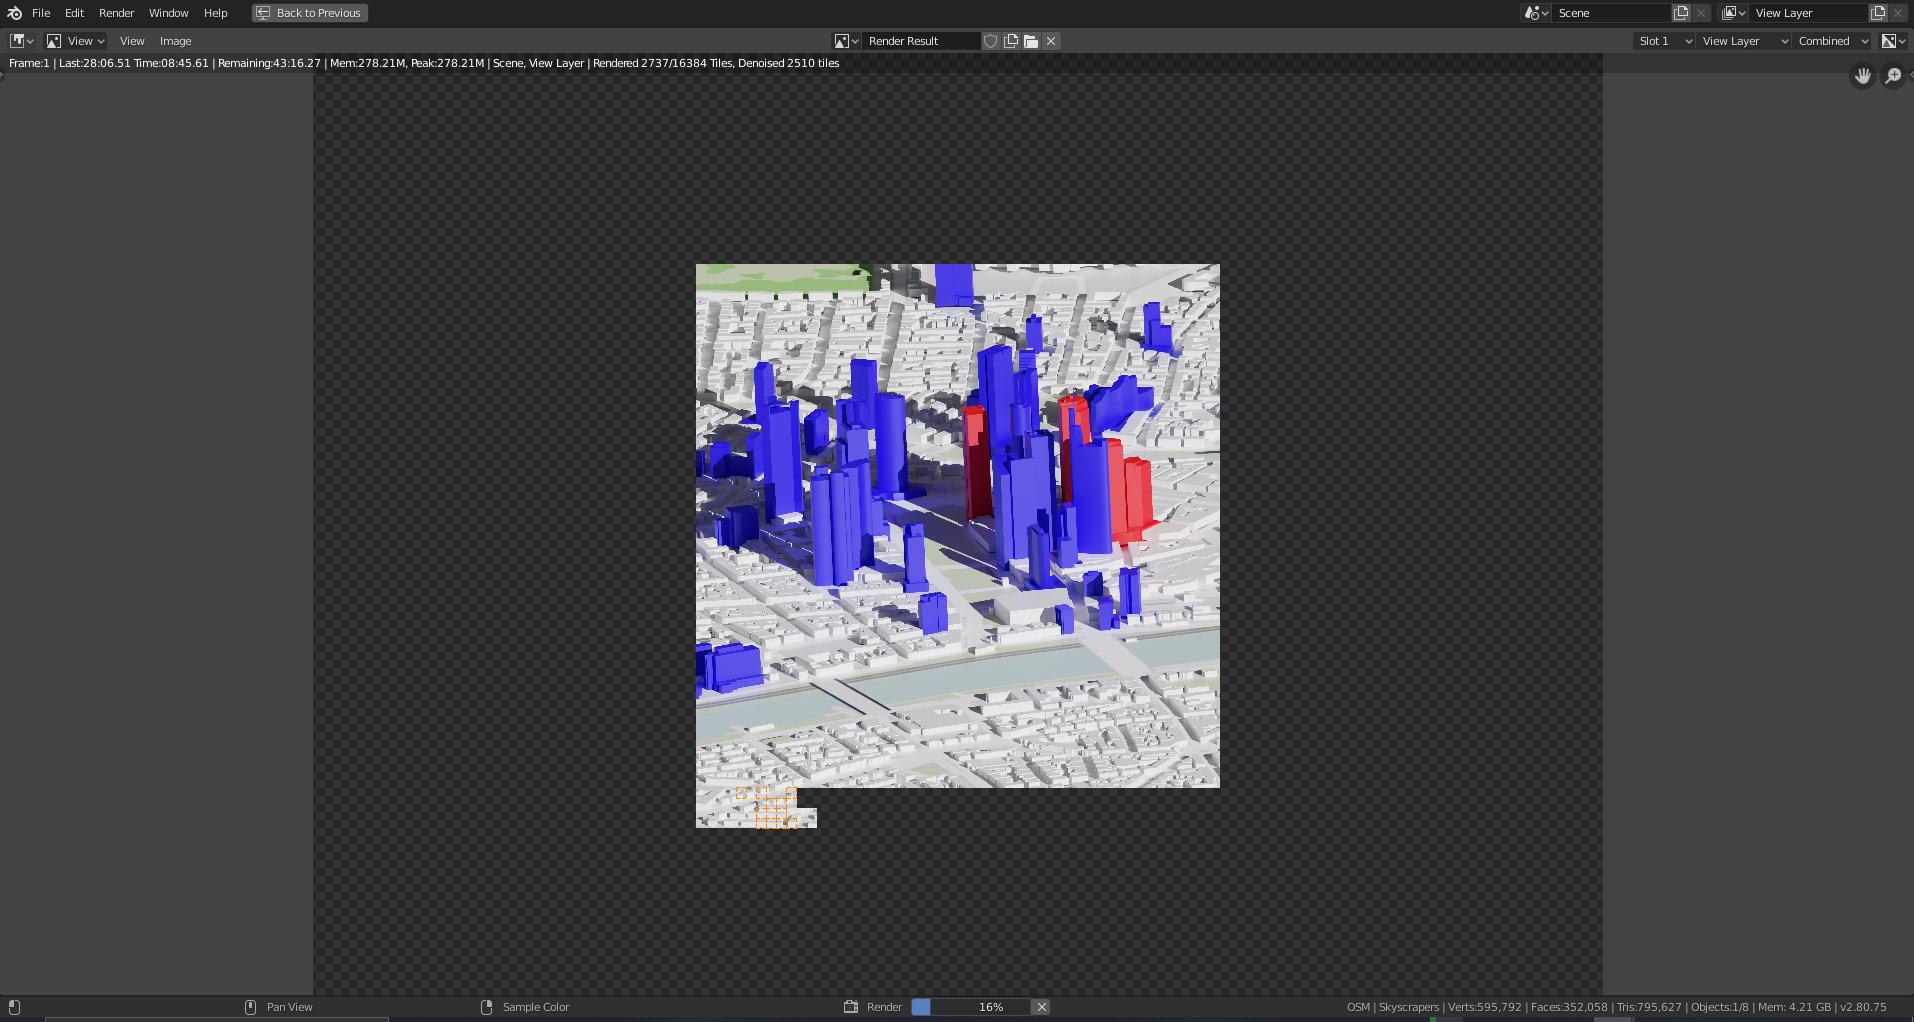 Frankfurt Wolkenkratzer geplant - 3D Rendering Frankfurt - Geplant FFM Skyline